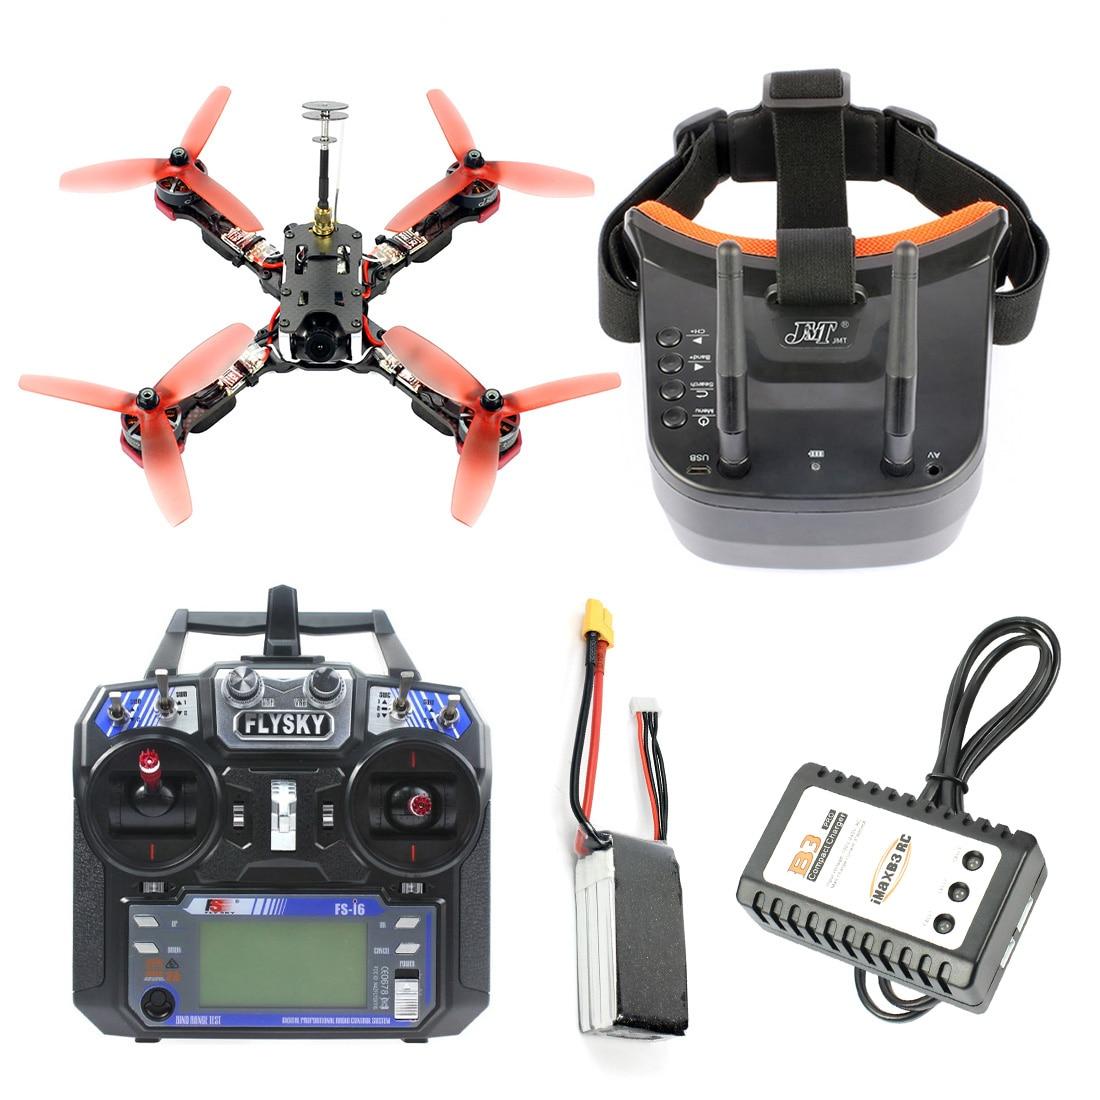 Żaba 218mm 2.4G 6CH RC Racer Drone RTF Betaflight F4 Pro V2 BLHeli s 30A 5.8G 25/200/400mW VTX Mini 700TVL kamery FPV Quadcopter w Helikoptery RC od Zabawki i hobby na  Grupa 1